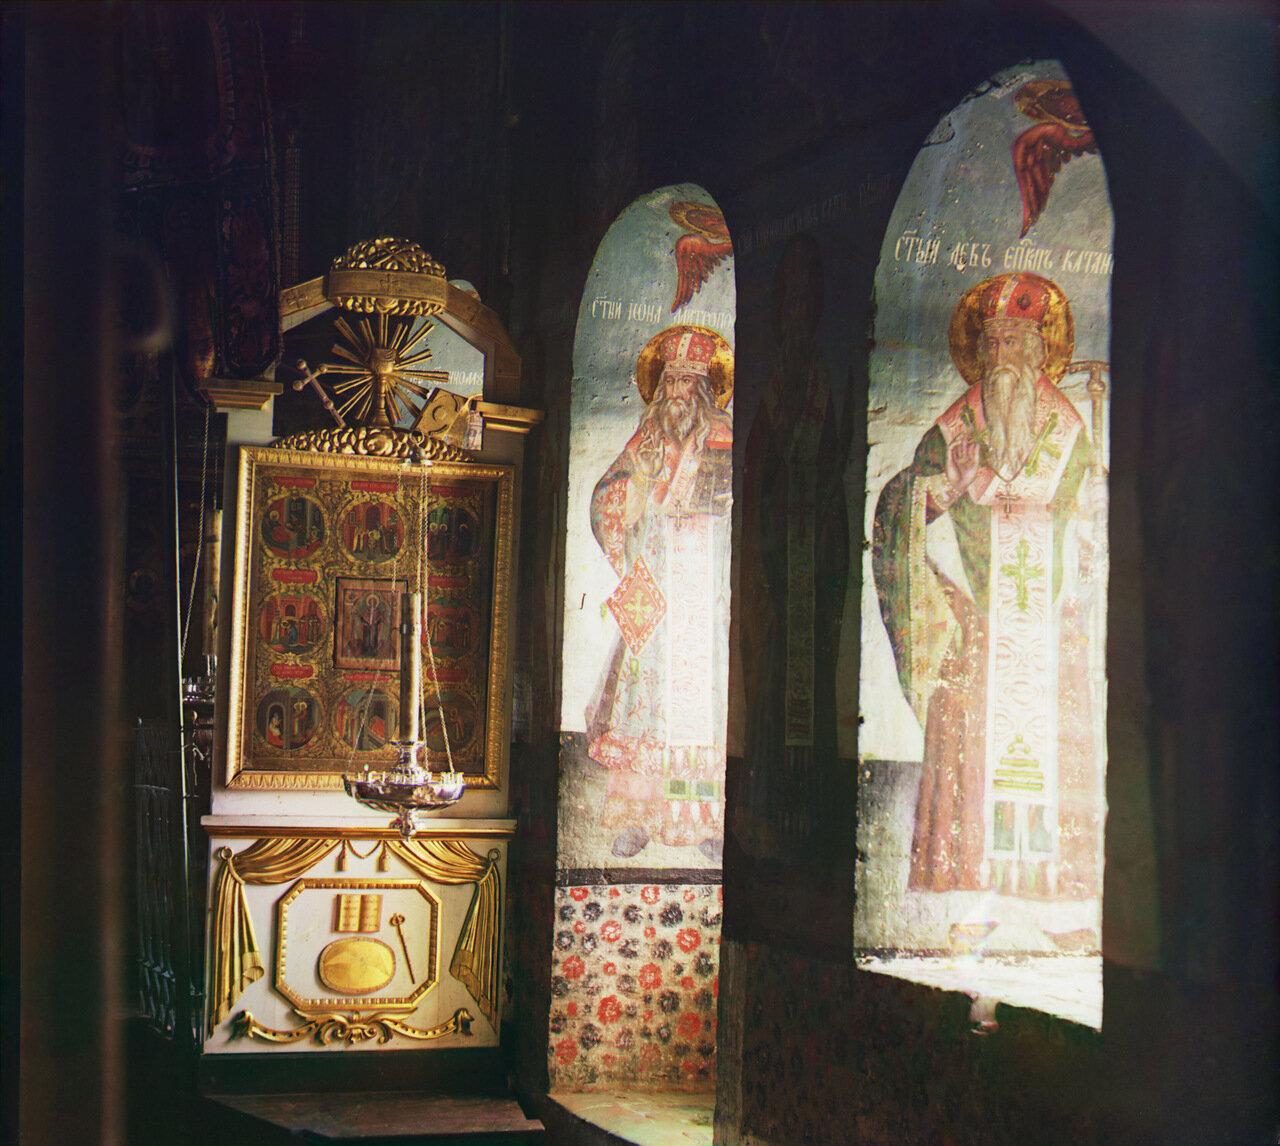 Фрески в оконных нишах и копия иконы св. Николая Чудотворца в храме. Не ранее 1912.